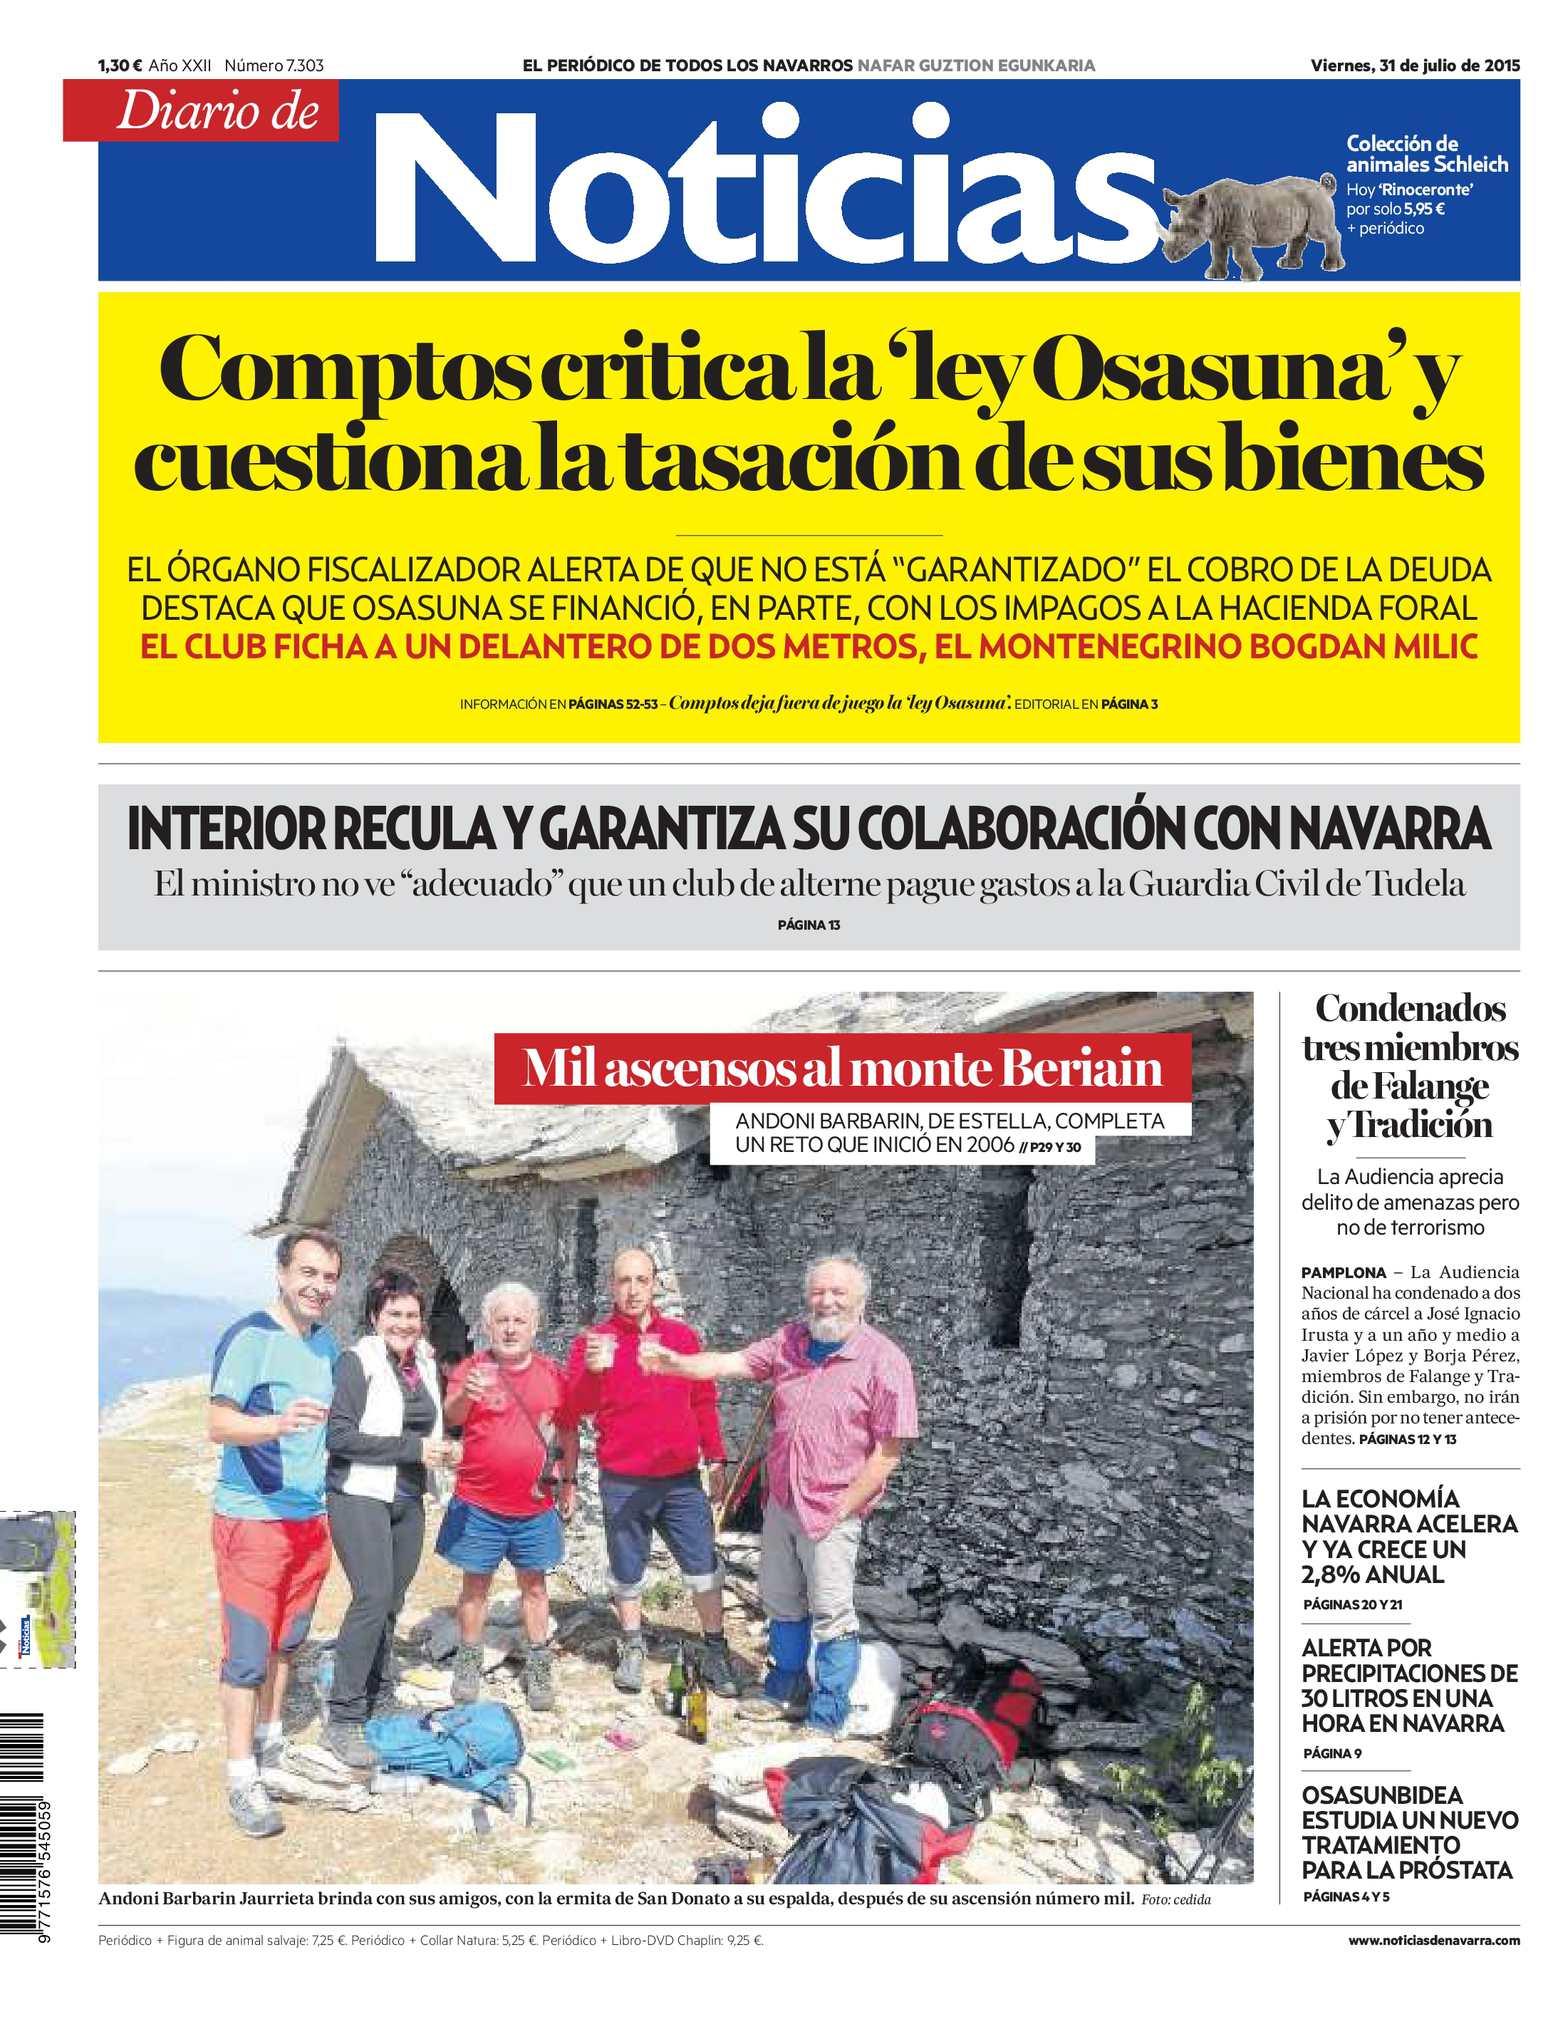 Calaméo - Diario de Noticias 20150731 38c28eb5244